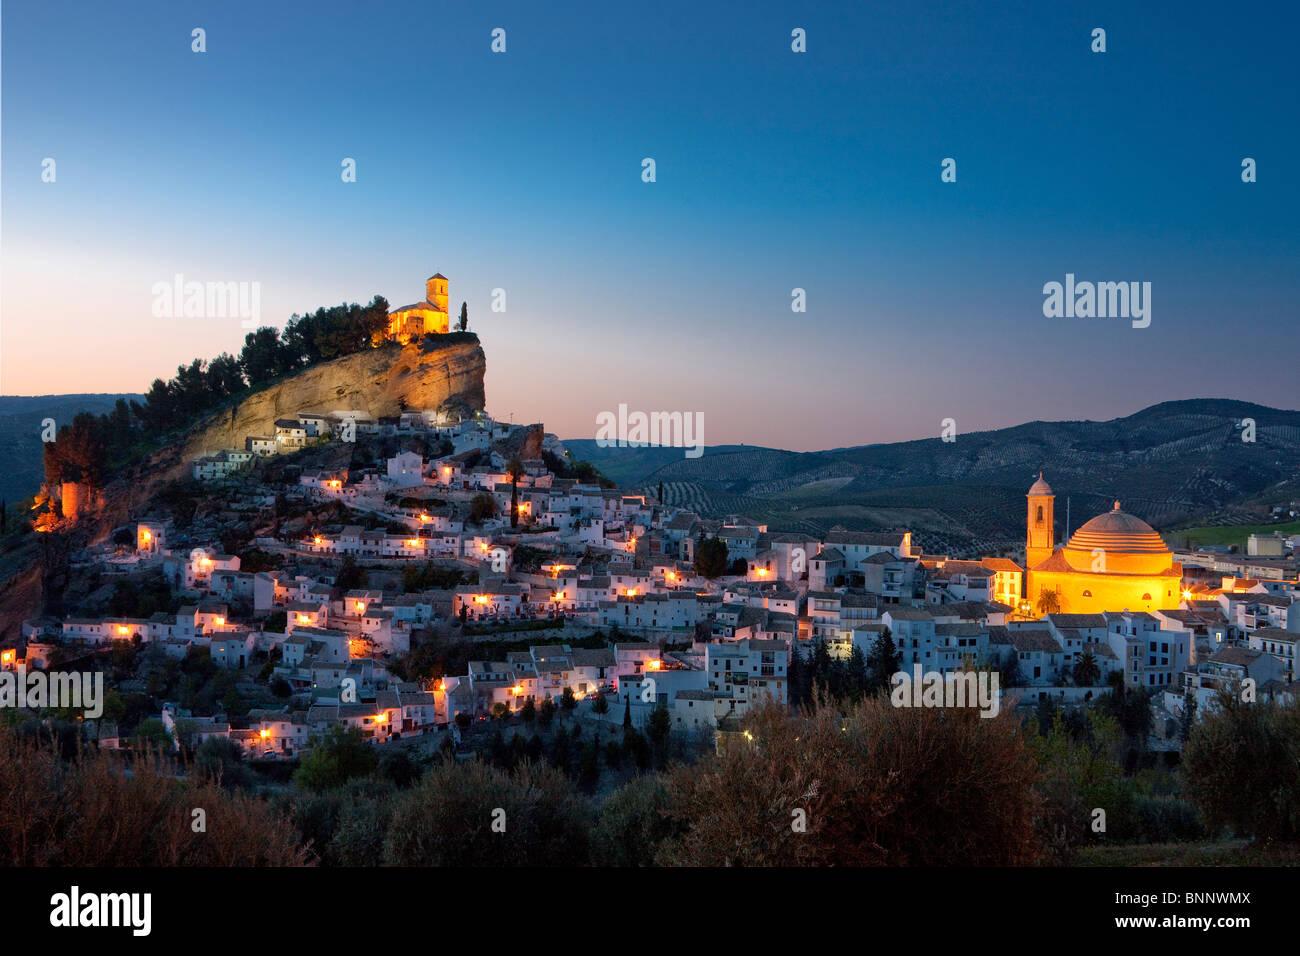 Andalusia spagna Montefrio hill città di sera in viaggio Viaggi turismo vacanza vacanze Immagini Stock